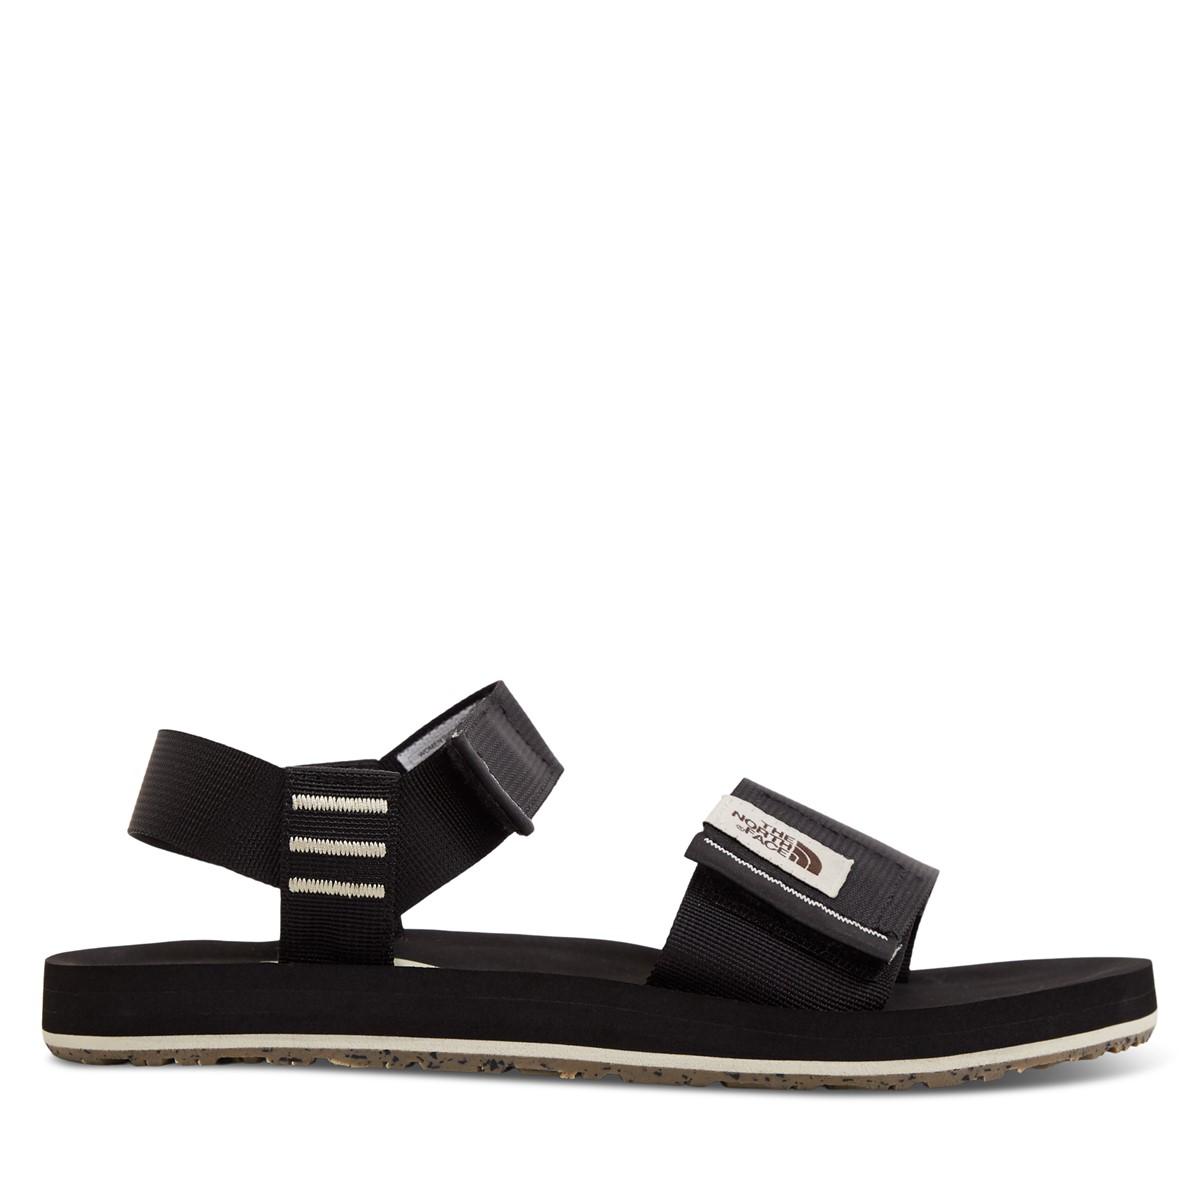 Women's Skeena Sandals in Black